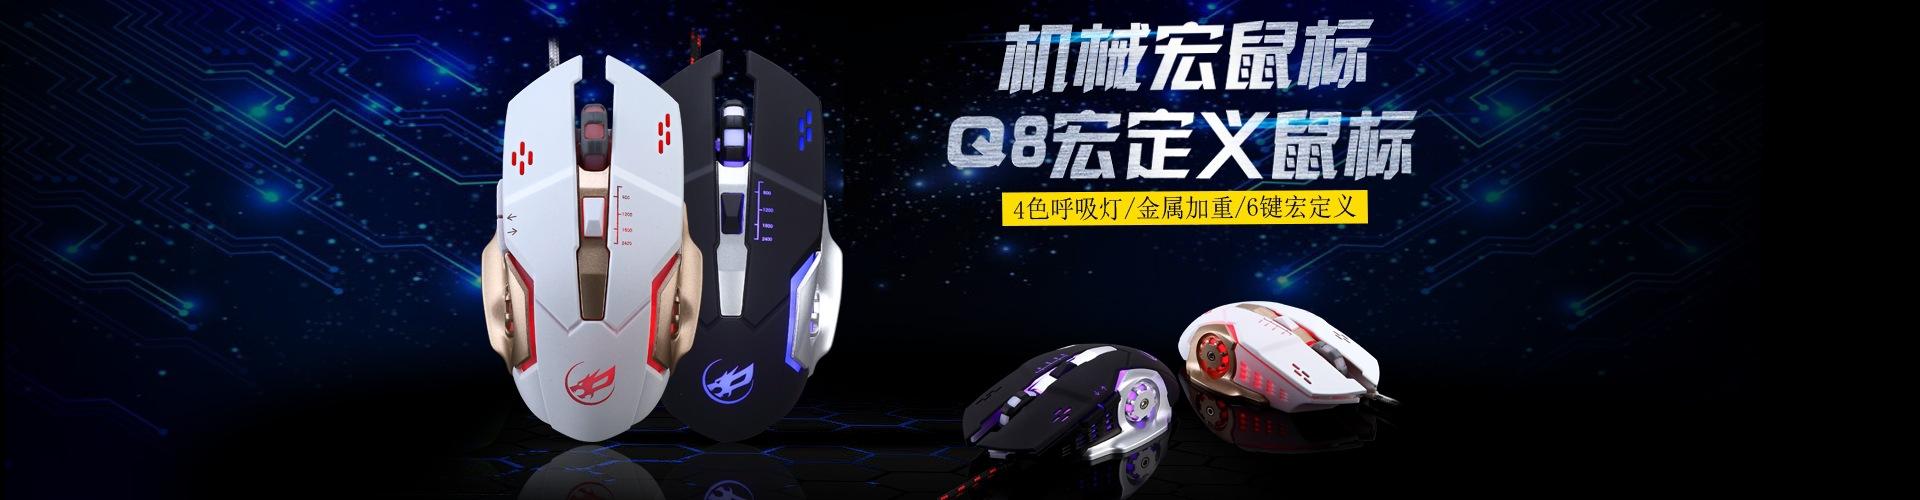 Q8 烽火狼